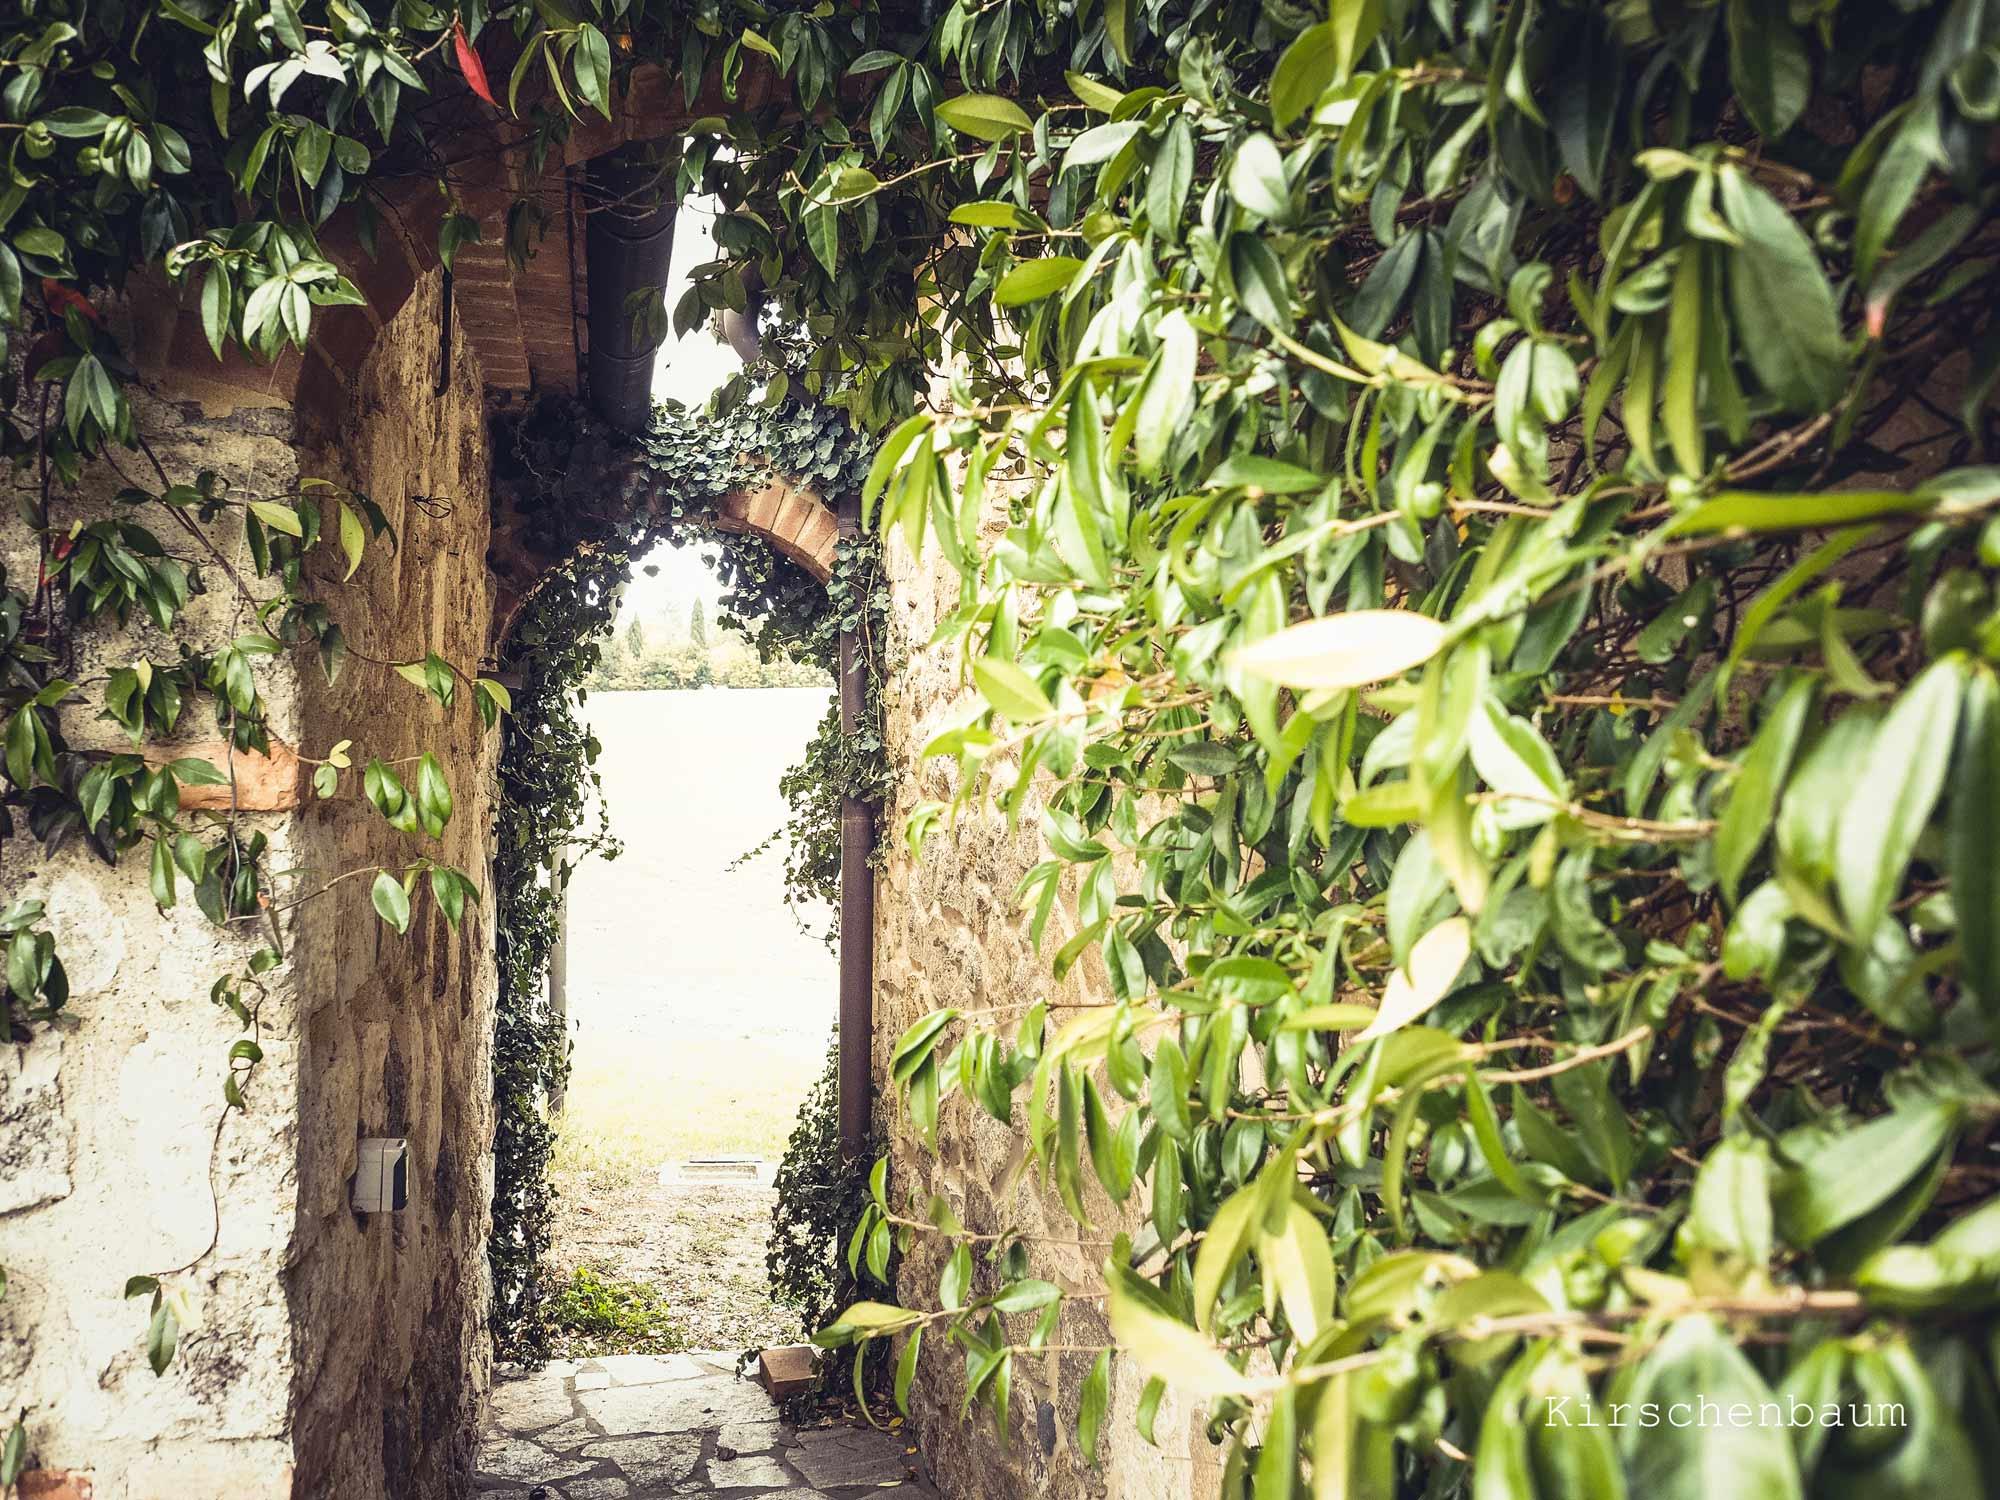 Particolare del casale in Toscana